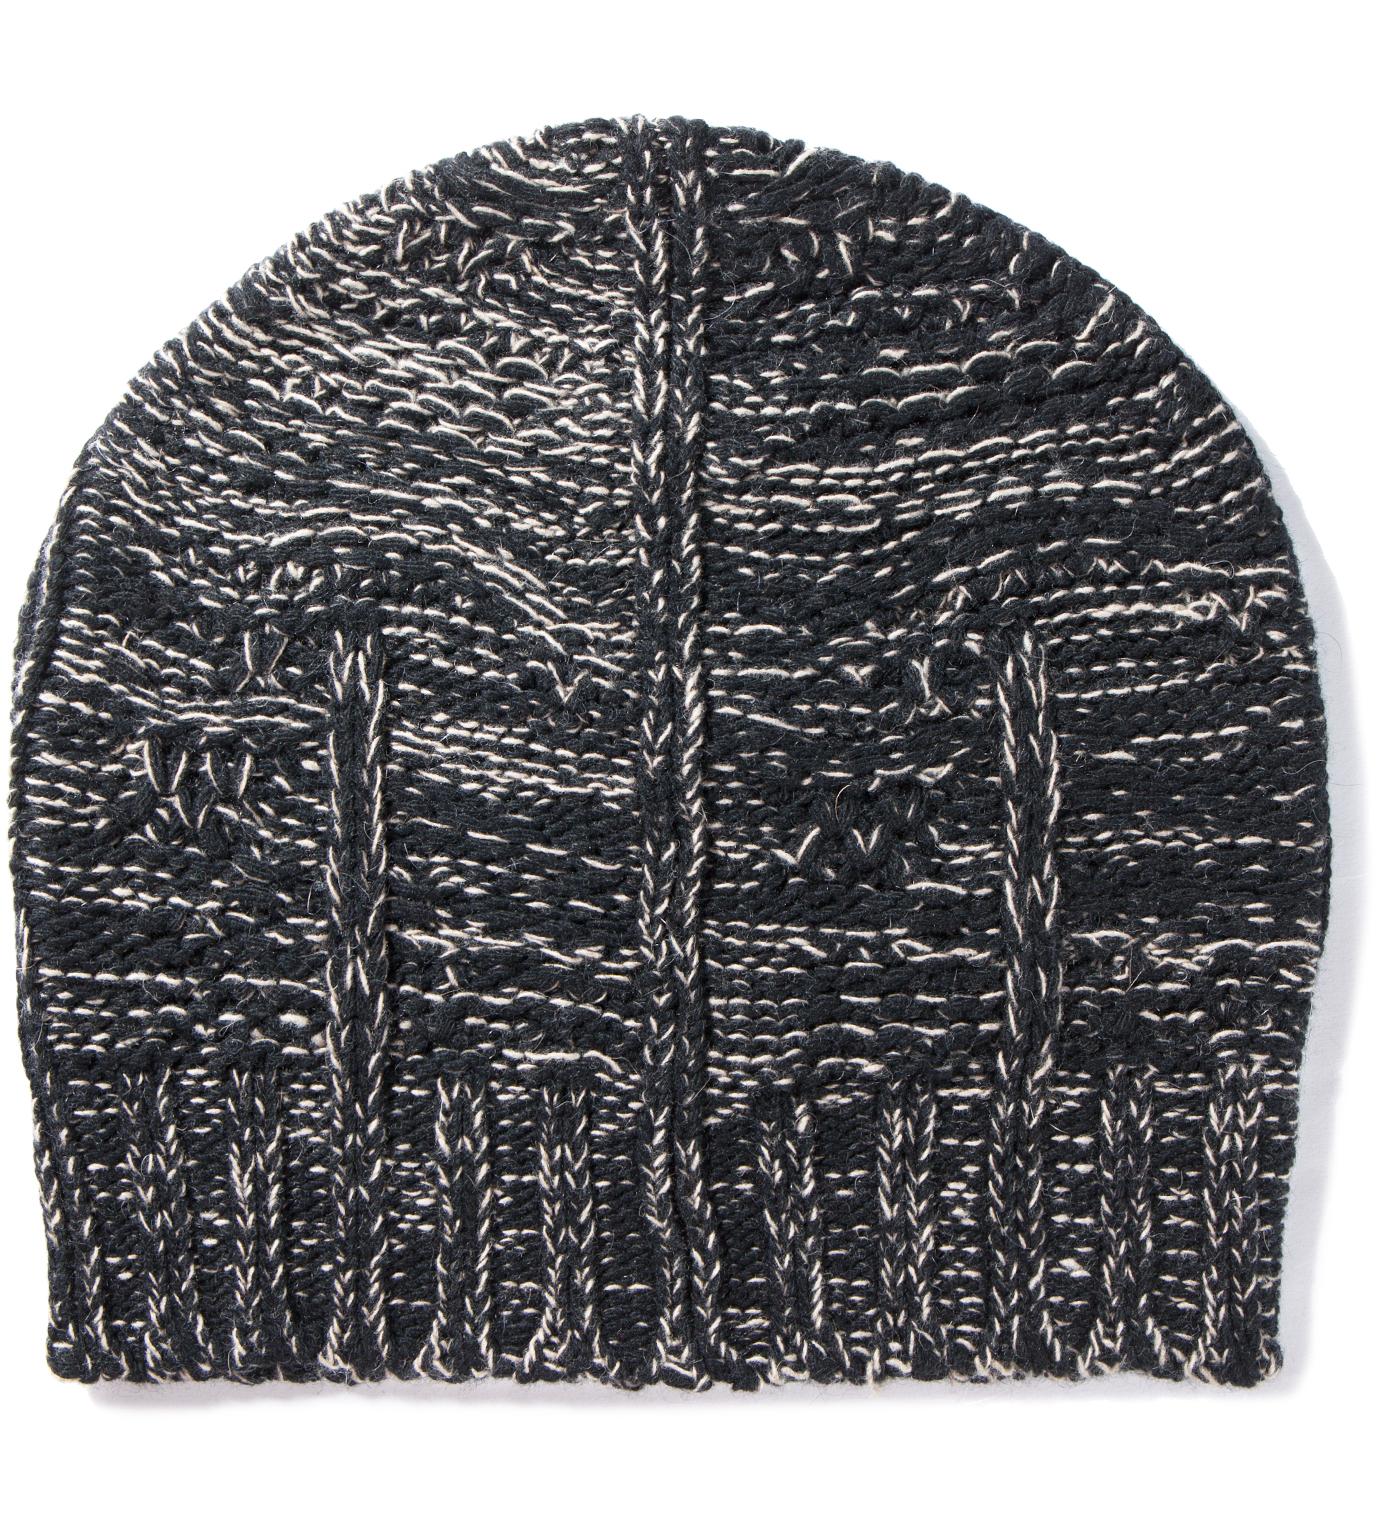 SILENT DAMIR DOMA Black/Beige Kali Knit Beanie